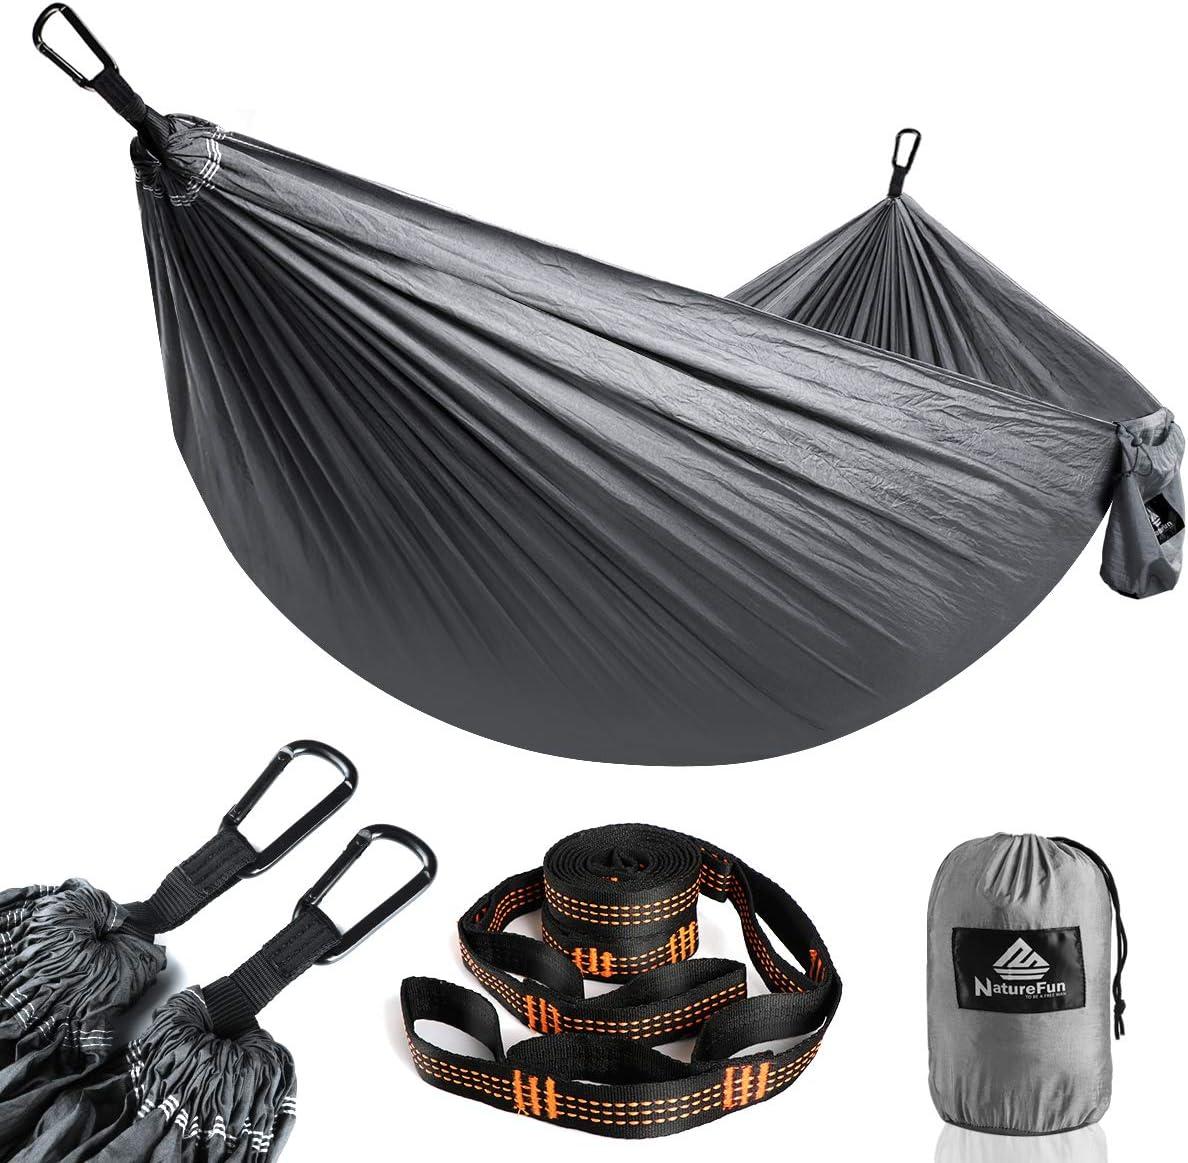 NATUREFUN Hamaca Ultraligera para Viaje y Camping | 300kg de Capacidad de Carga,Transpirable, Nylon de Paracaídas de Secado Rápido | 2 x Mosquetones Premium, 2 x Correas de Nylon Incluidas